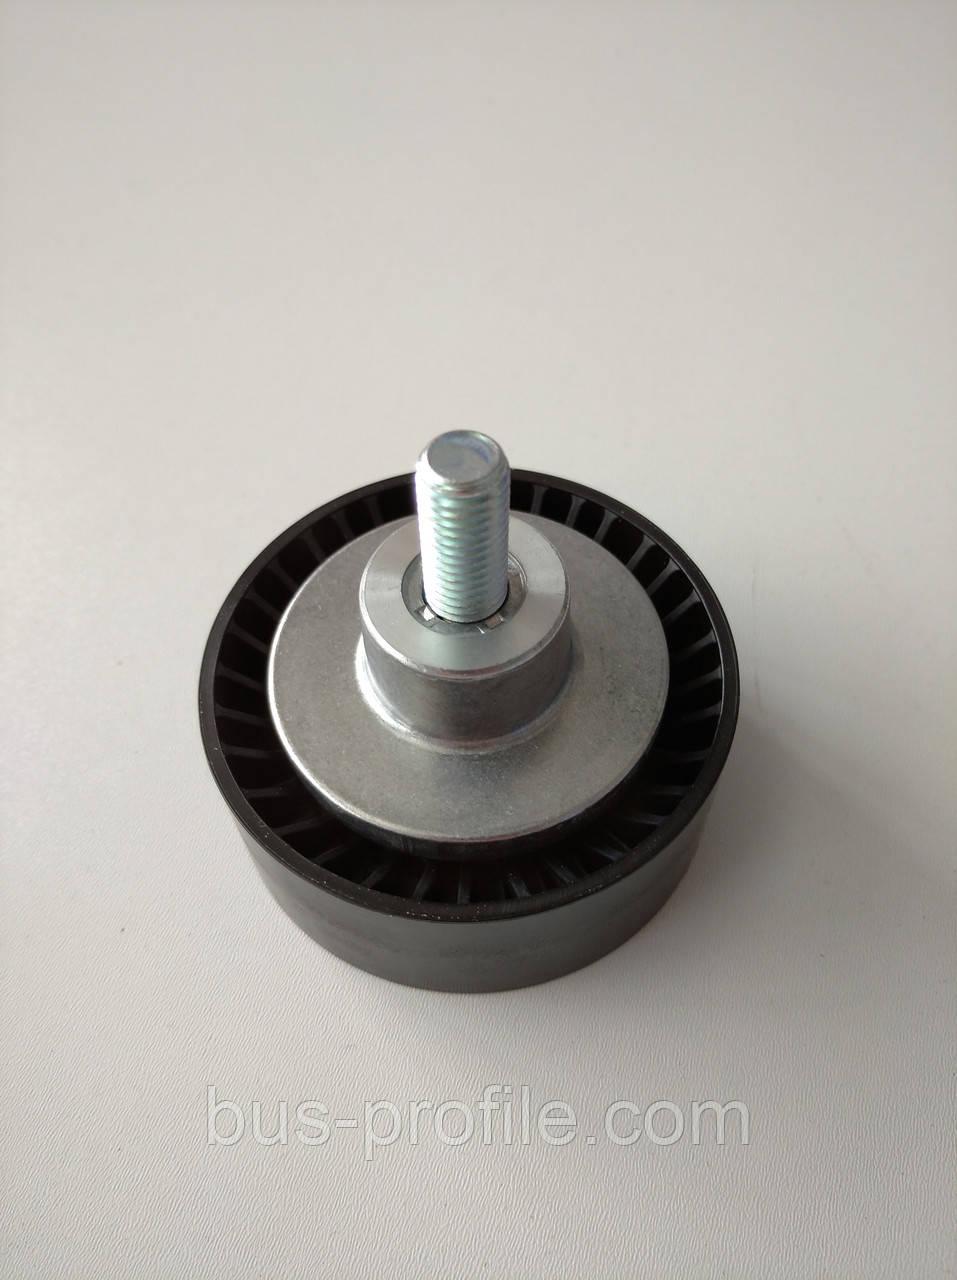 Ролик натяжной (гладкий) на MB Sprinter, Vito CDI OM611/612/646 — INA — 532022410